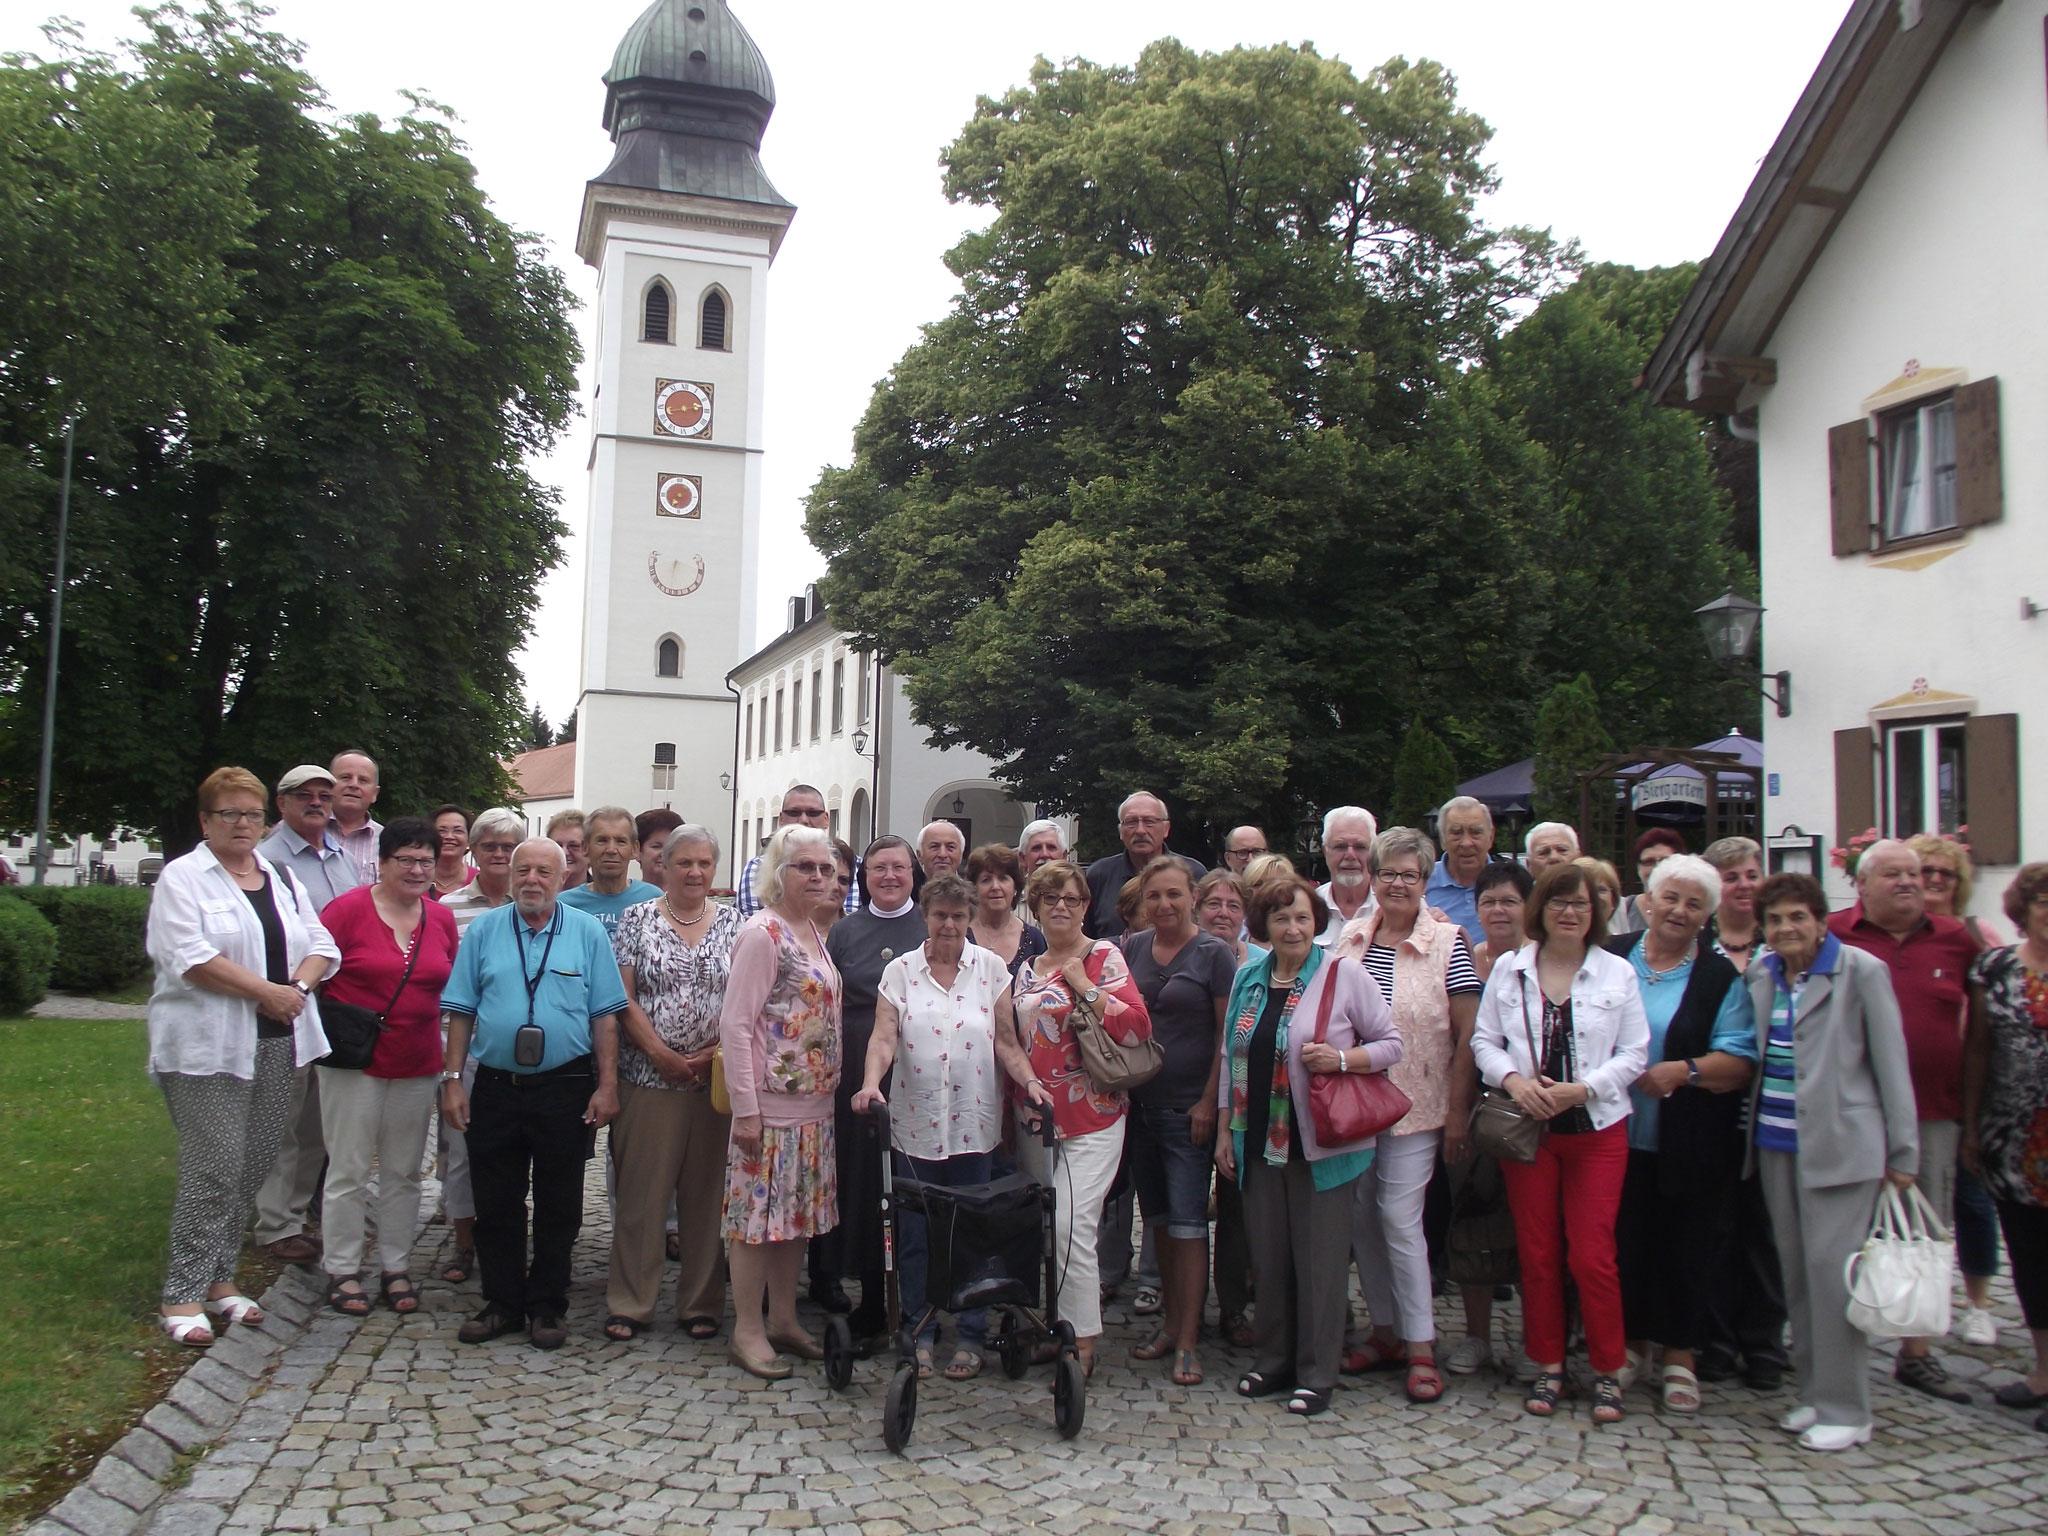 Die Reisegruppe vor dem frei stehenden Turm der Kirche von Rottenbuch